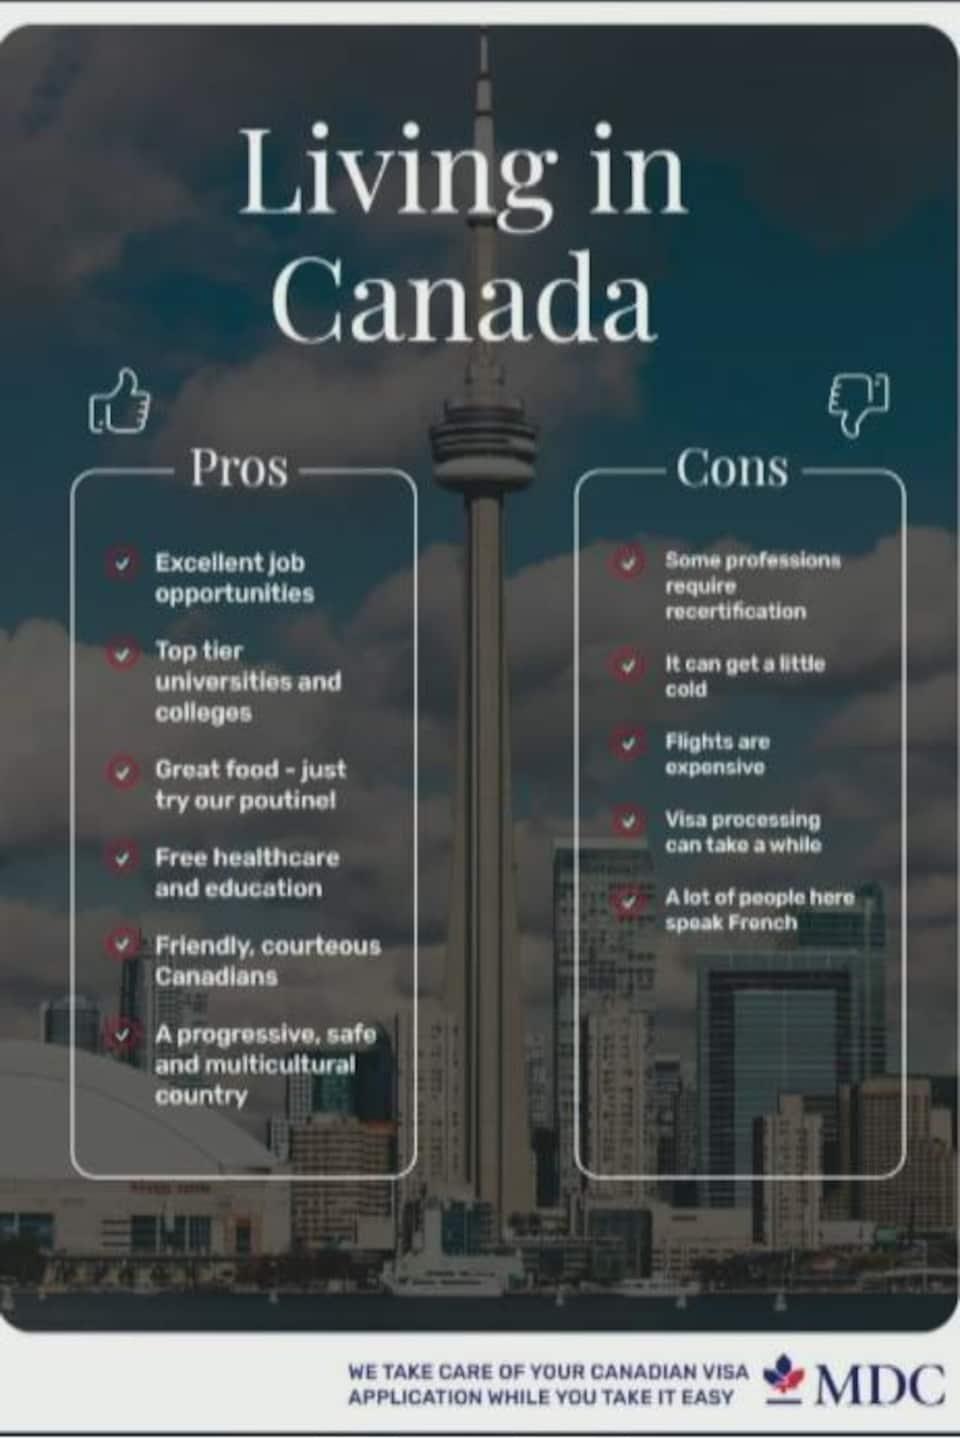 Une affiche avec des listes de pour et contre pour immigrer au Canada.